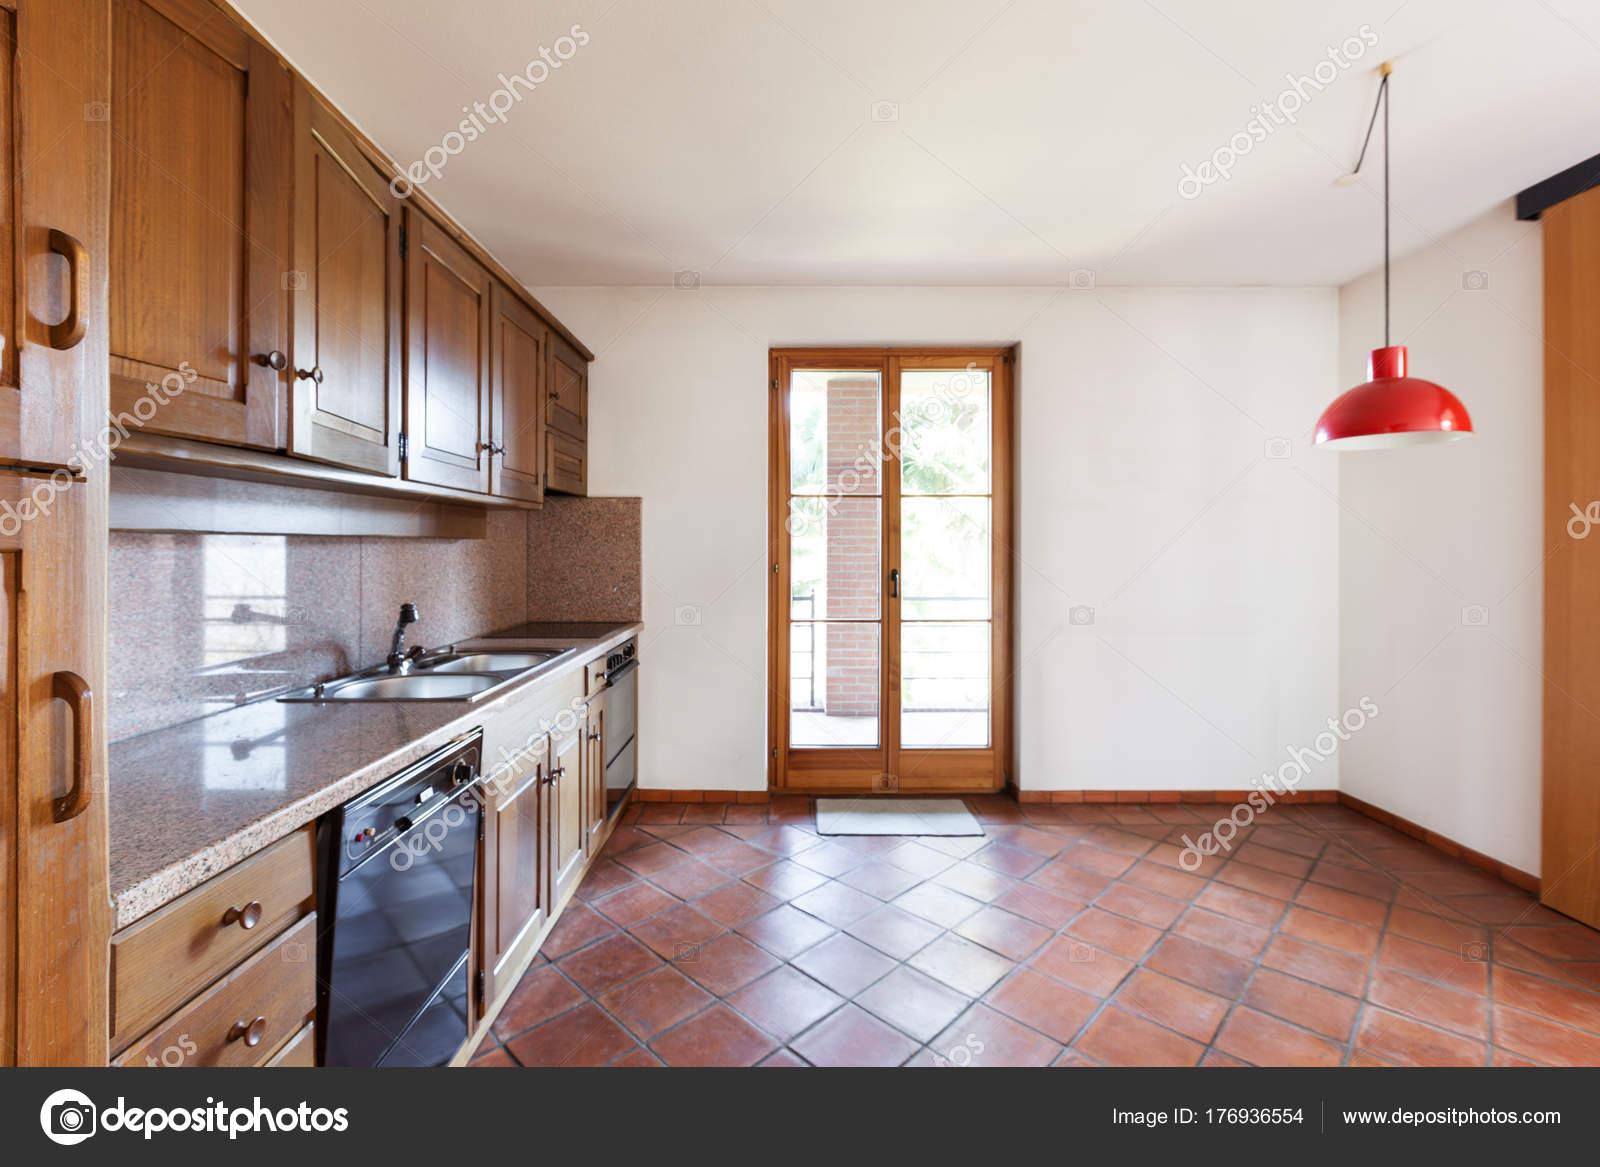 Architectuur interieur huis u stockfoto zveiger